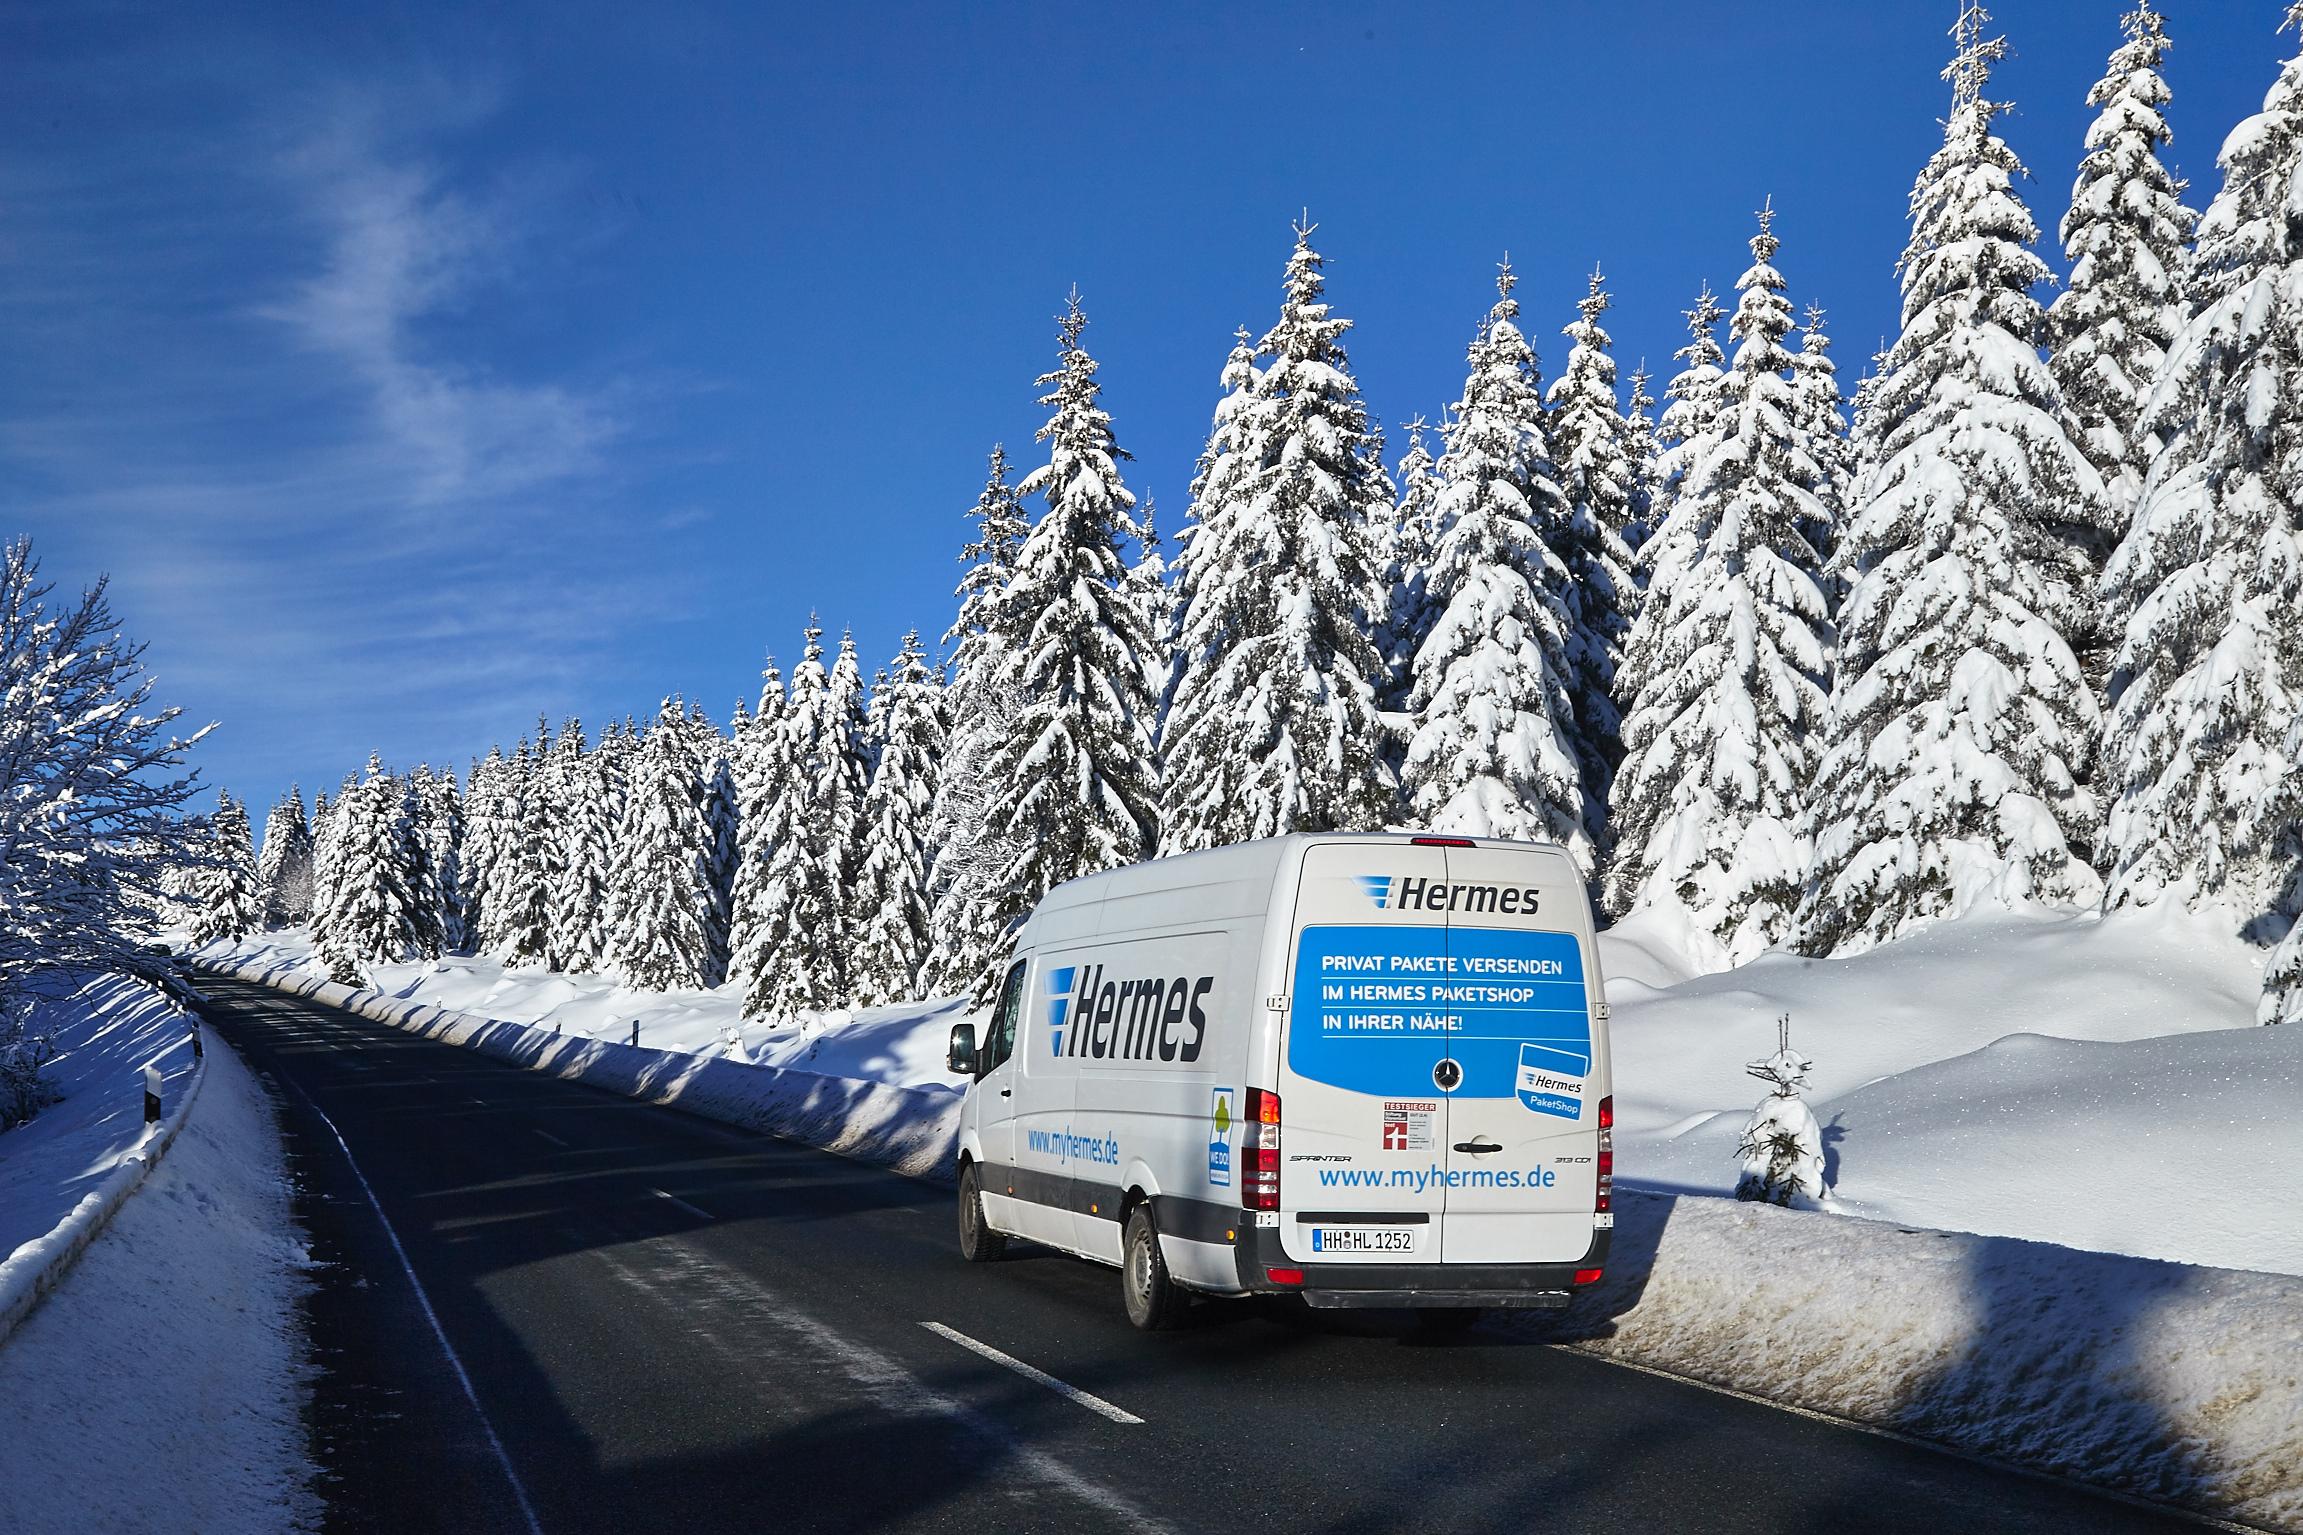 Weihnachten 2018: Hermes stockt Personal- & Fahrzeugkapazitäten auf ...